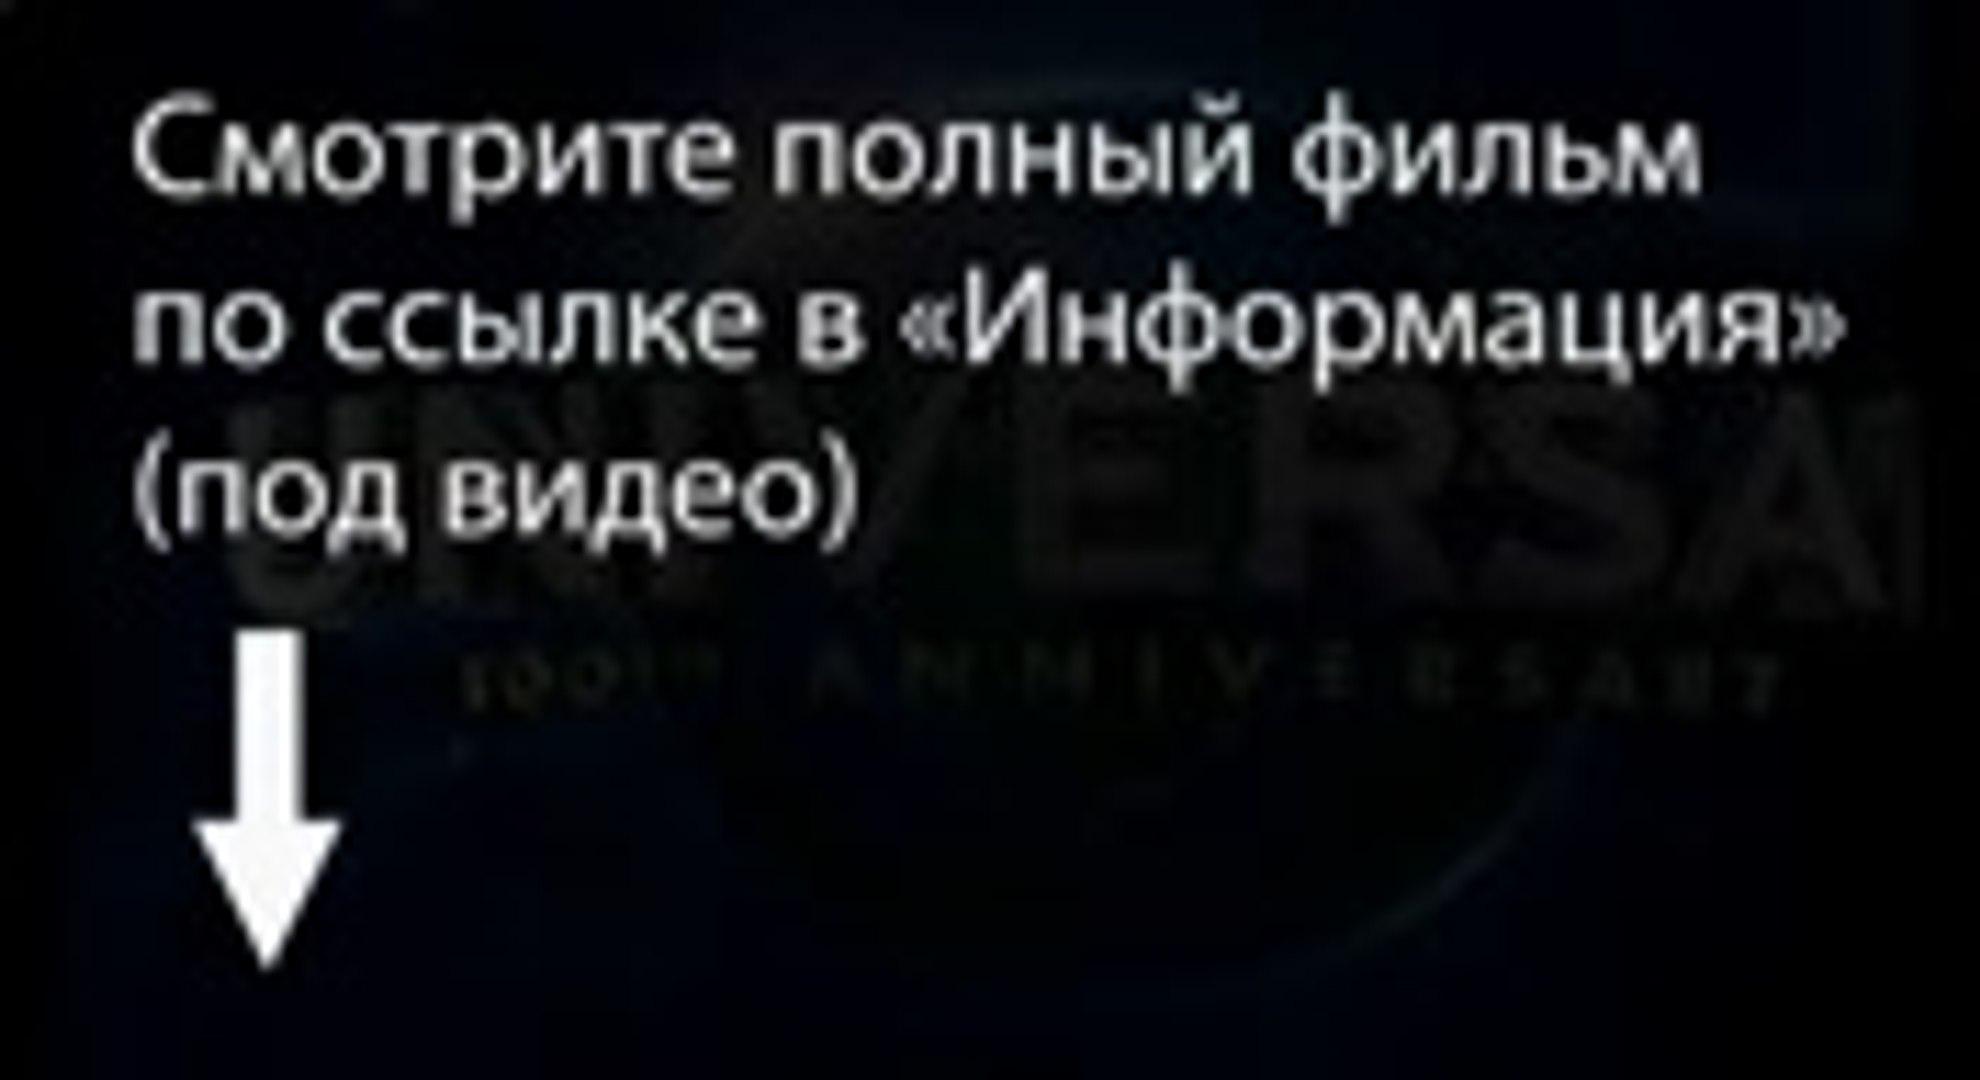 _ИРРК_ смотреть фильм Дивергент 2014 полный фильм